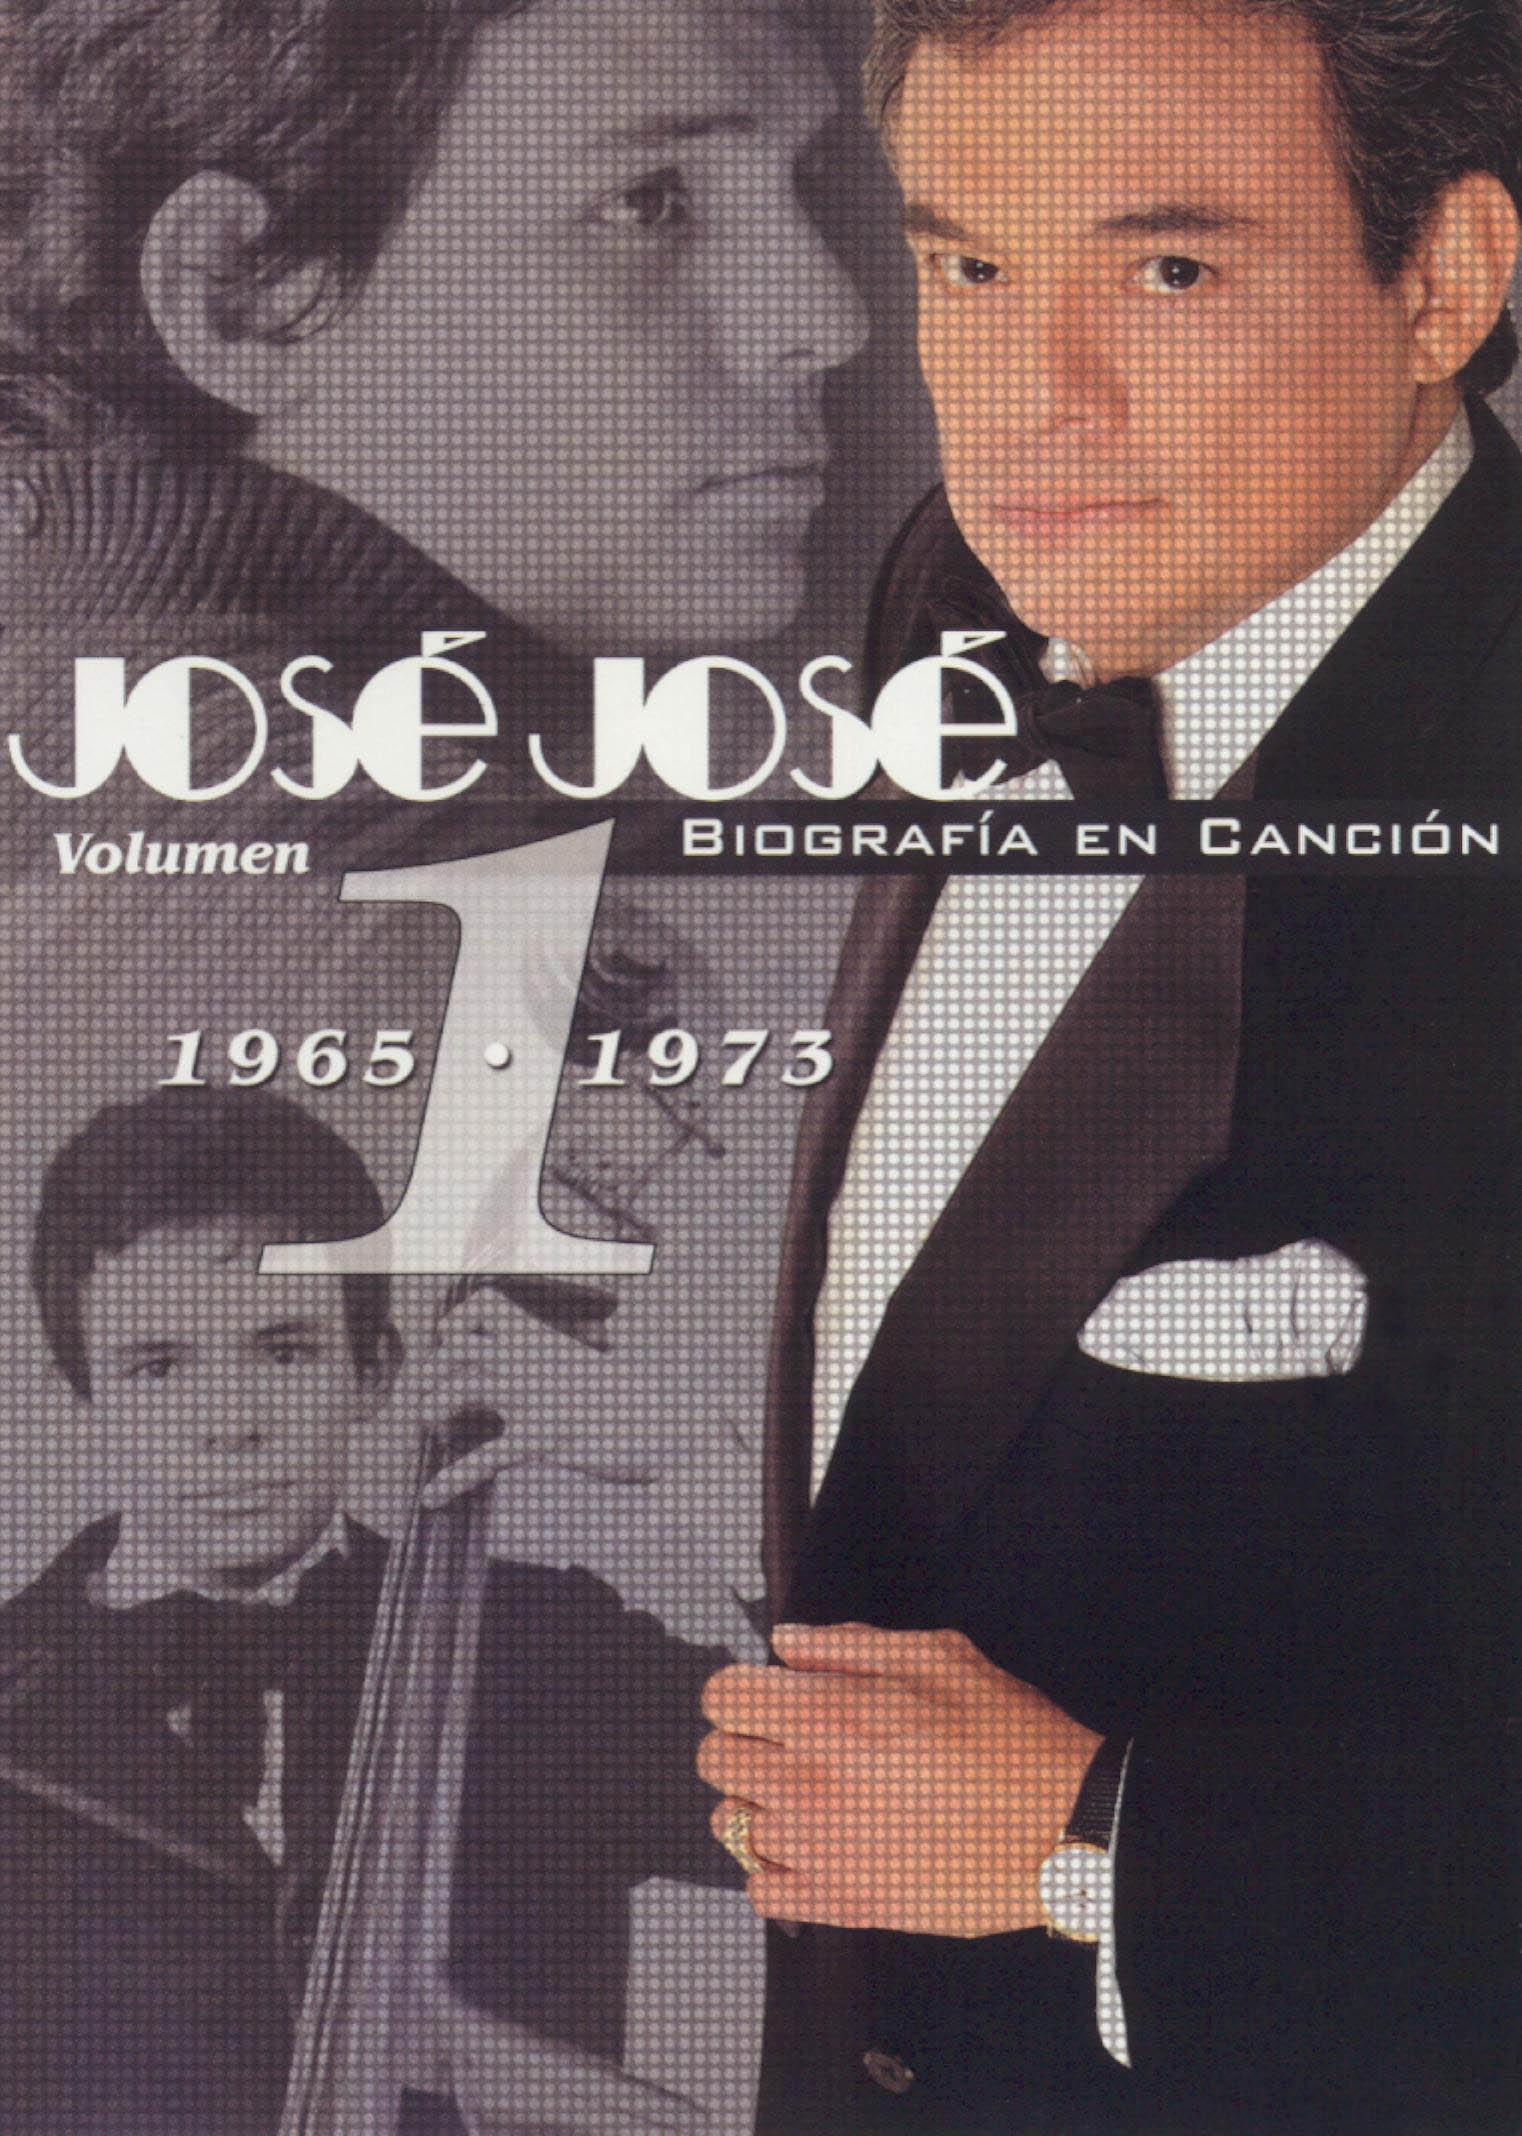 José José: Biografia En Cancion